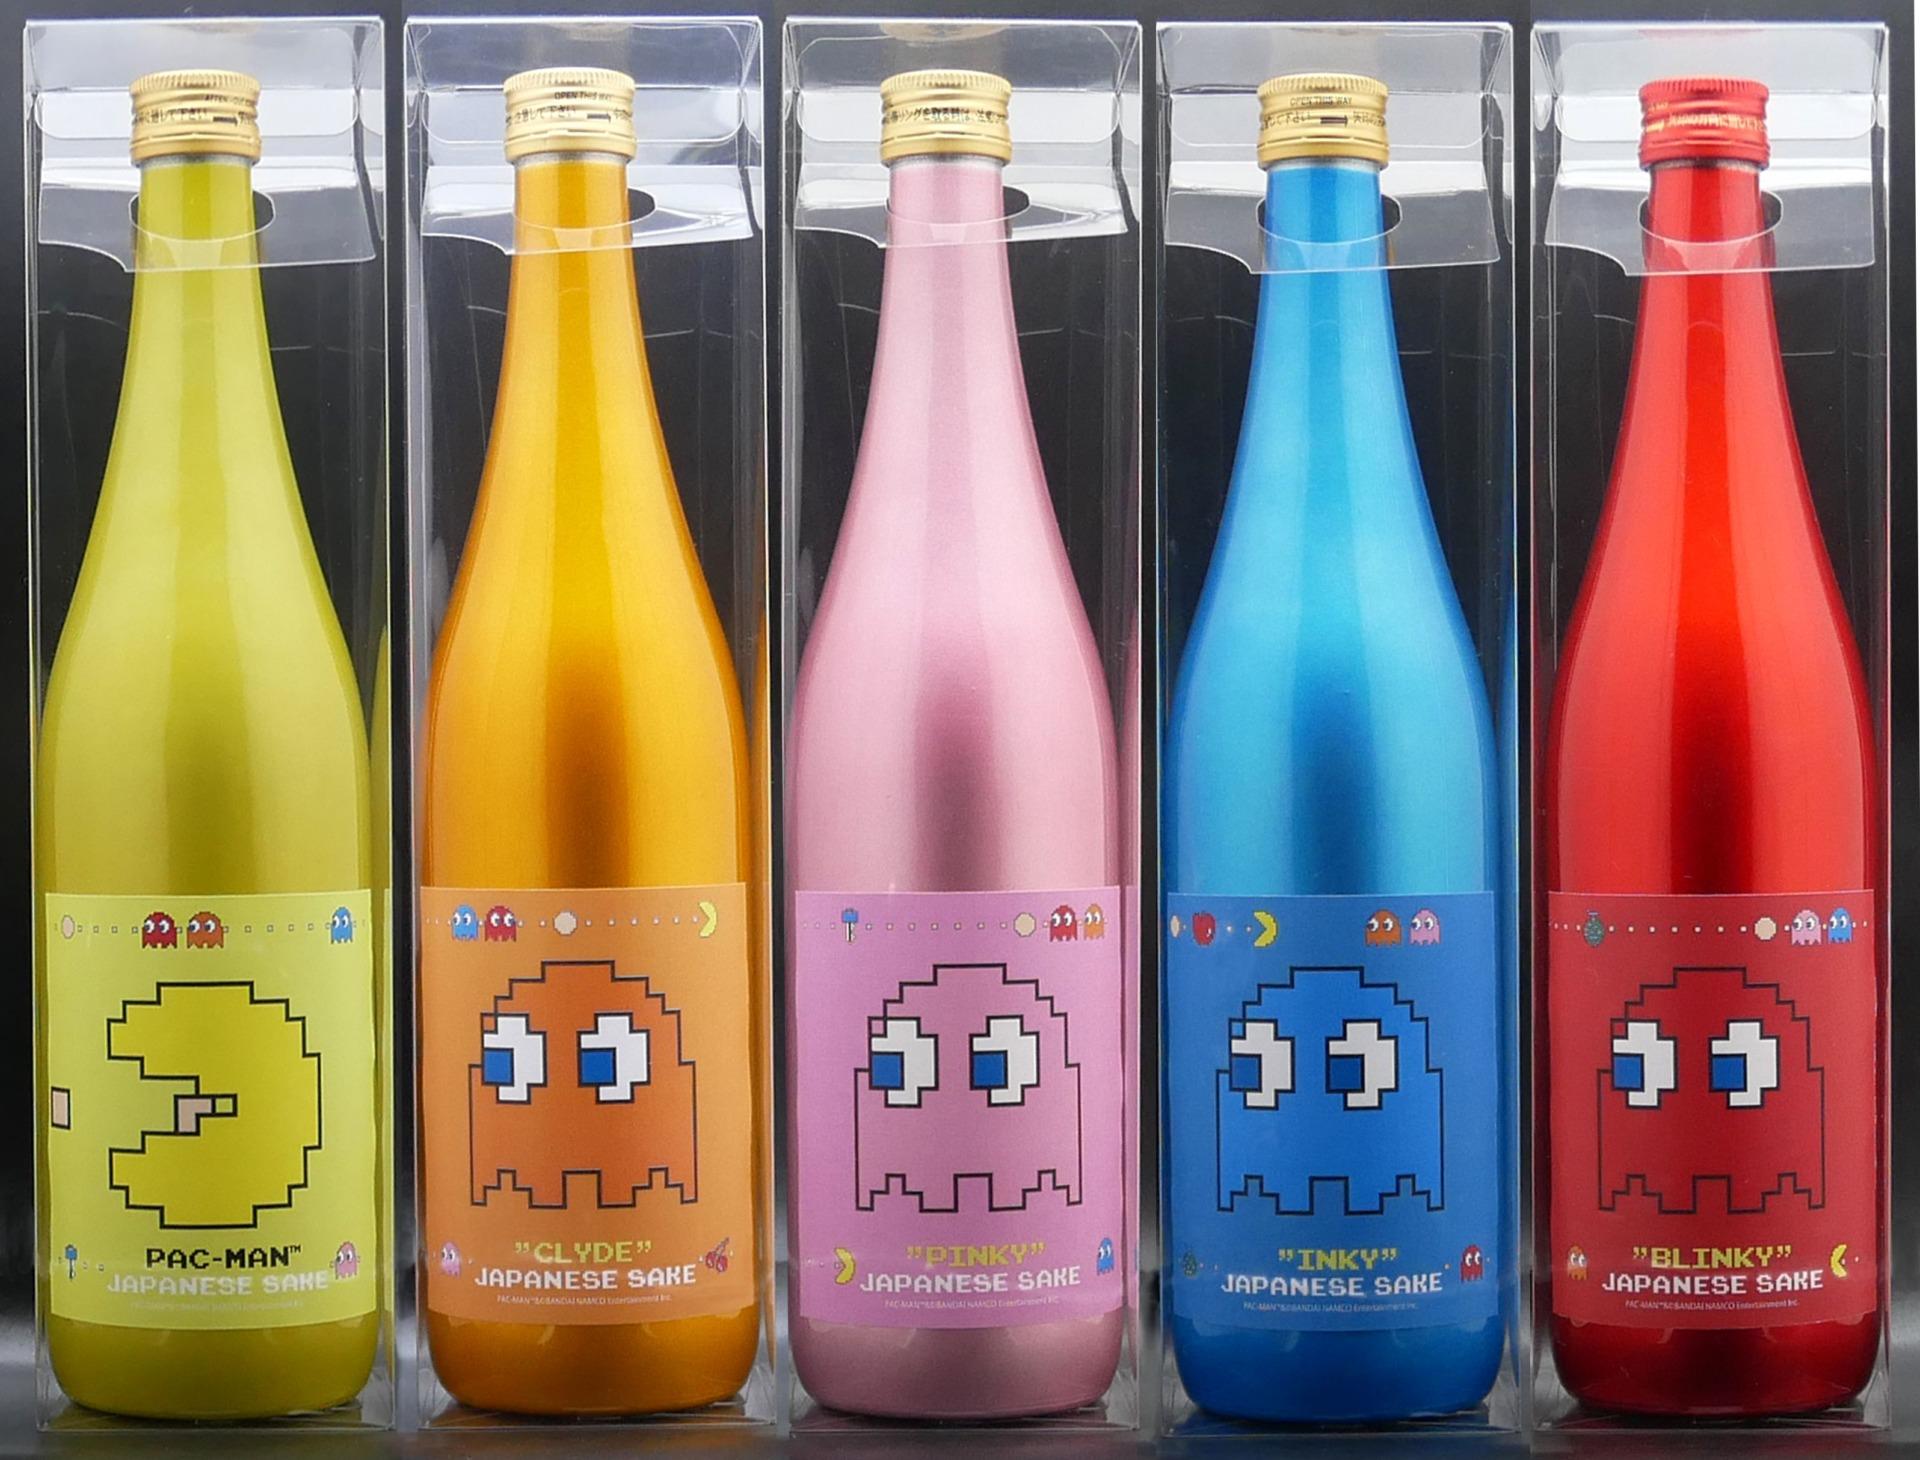 Pac-Man-Sake